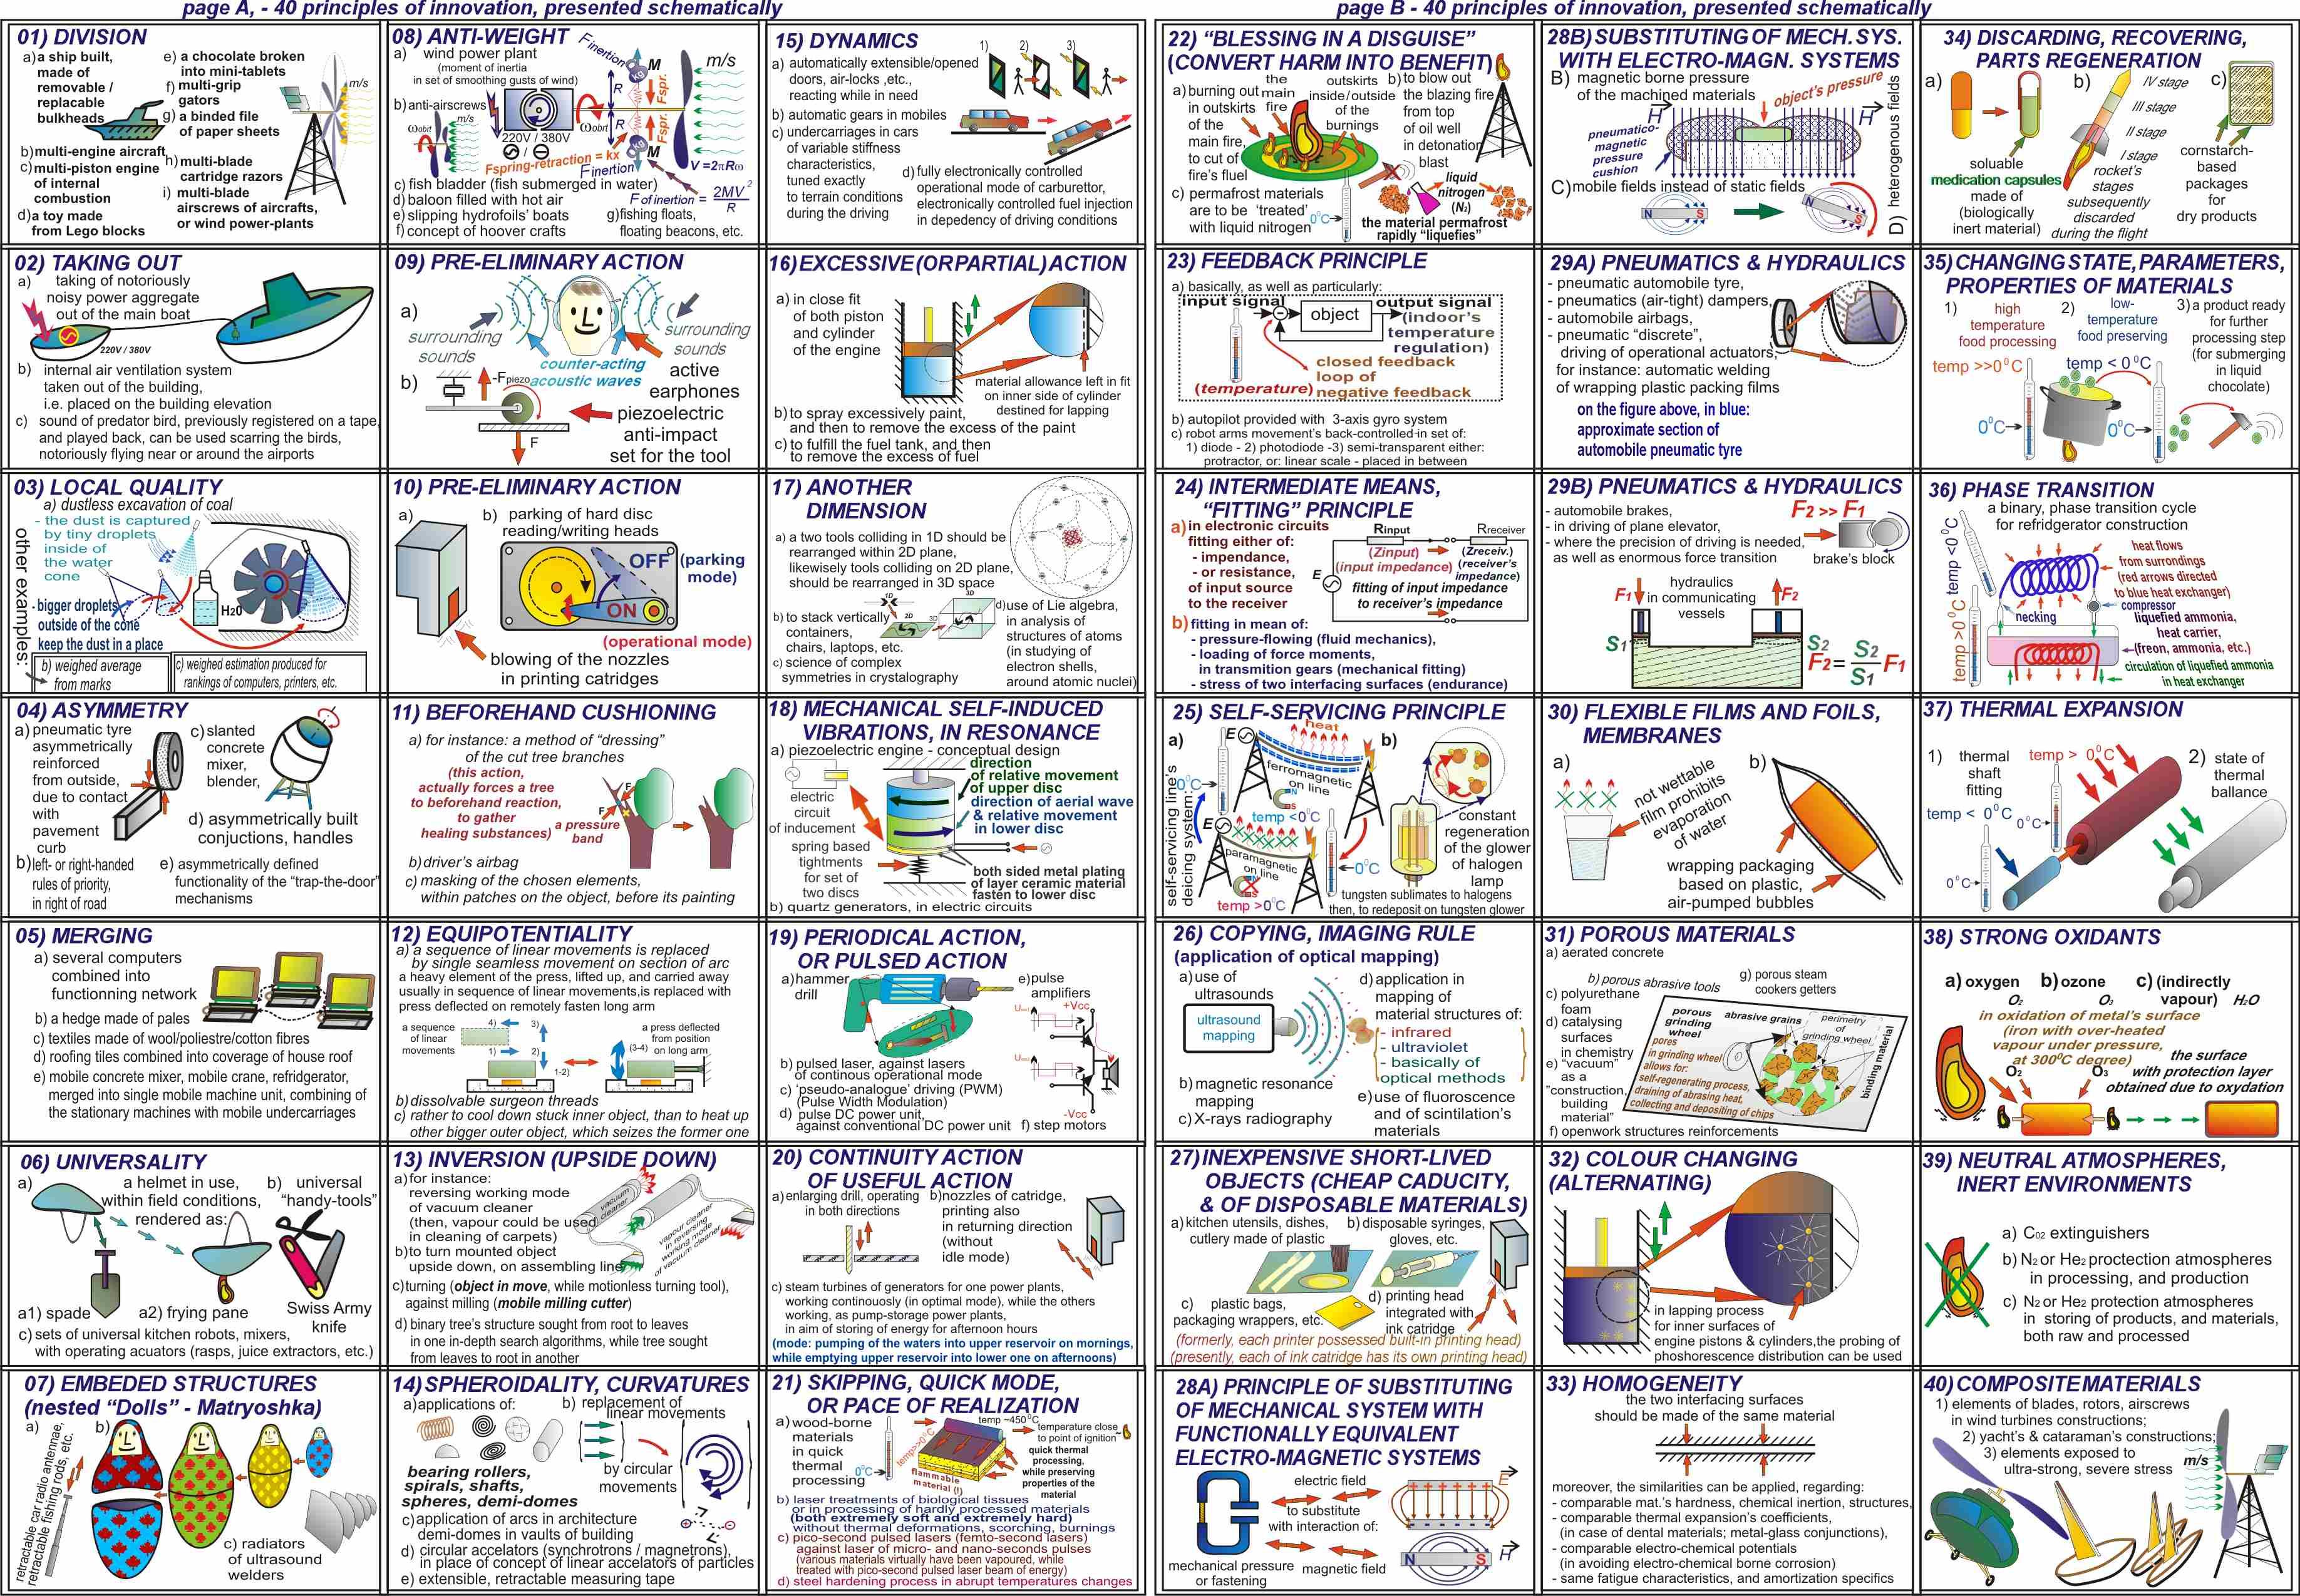 File:40 principles of TRIZ method 225dpi.jpg - Wikimedia Commons